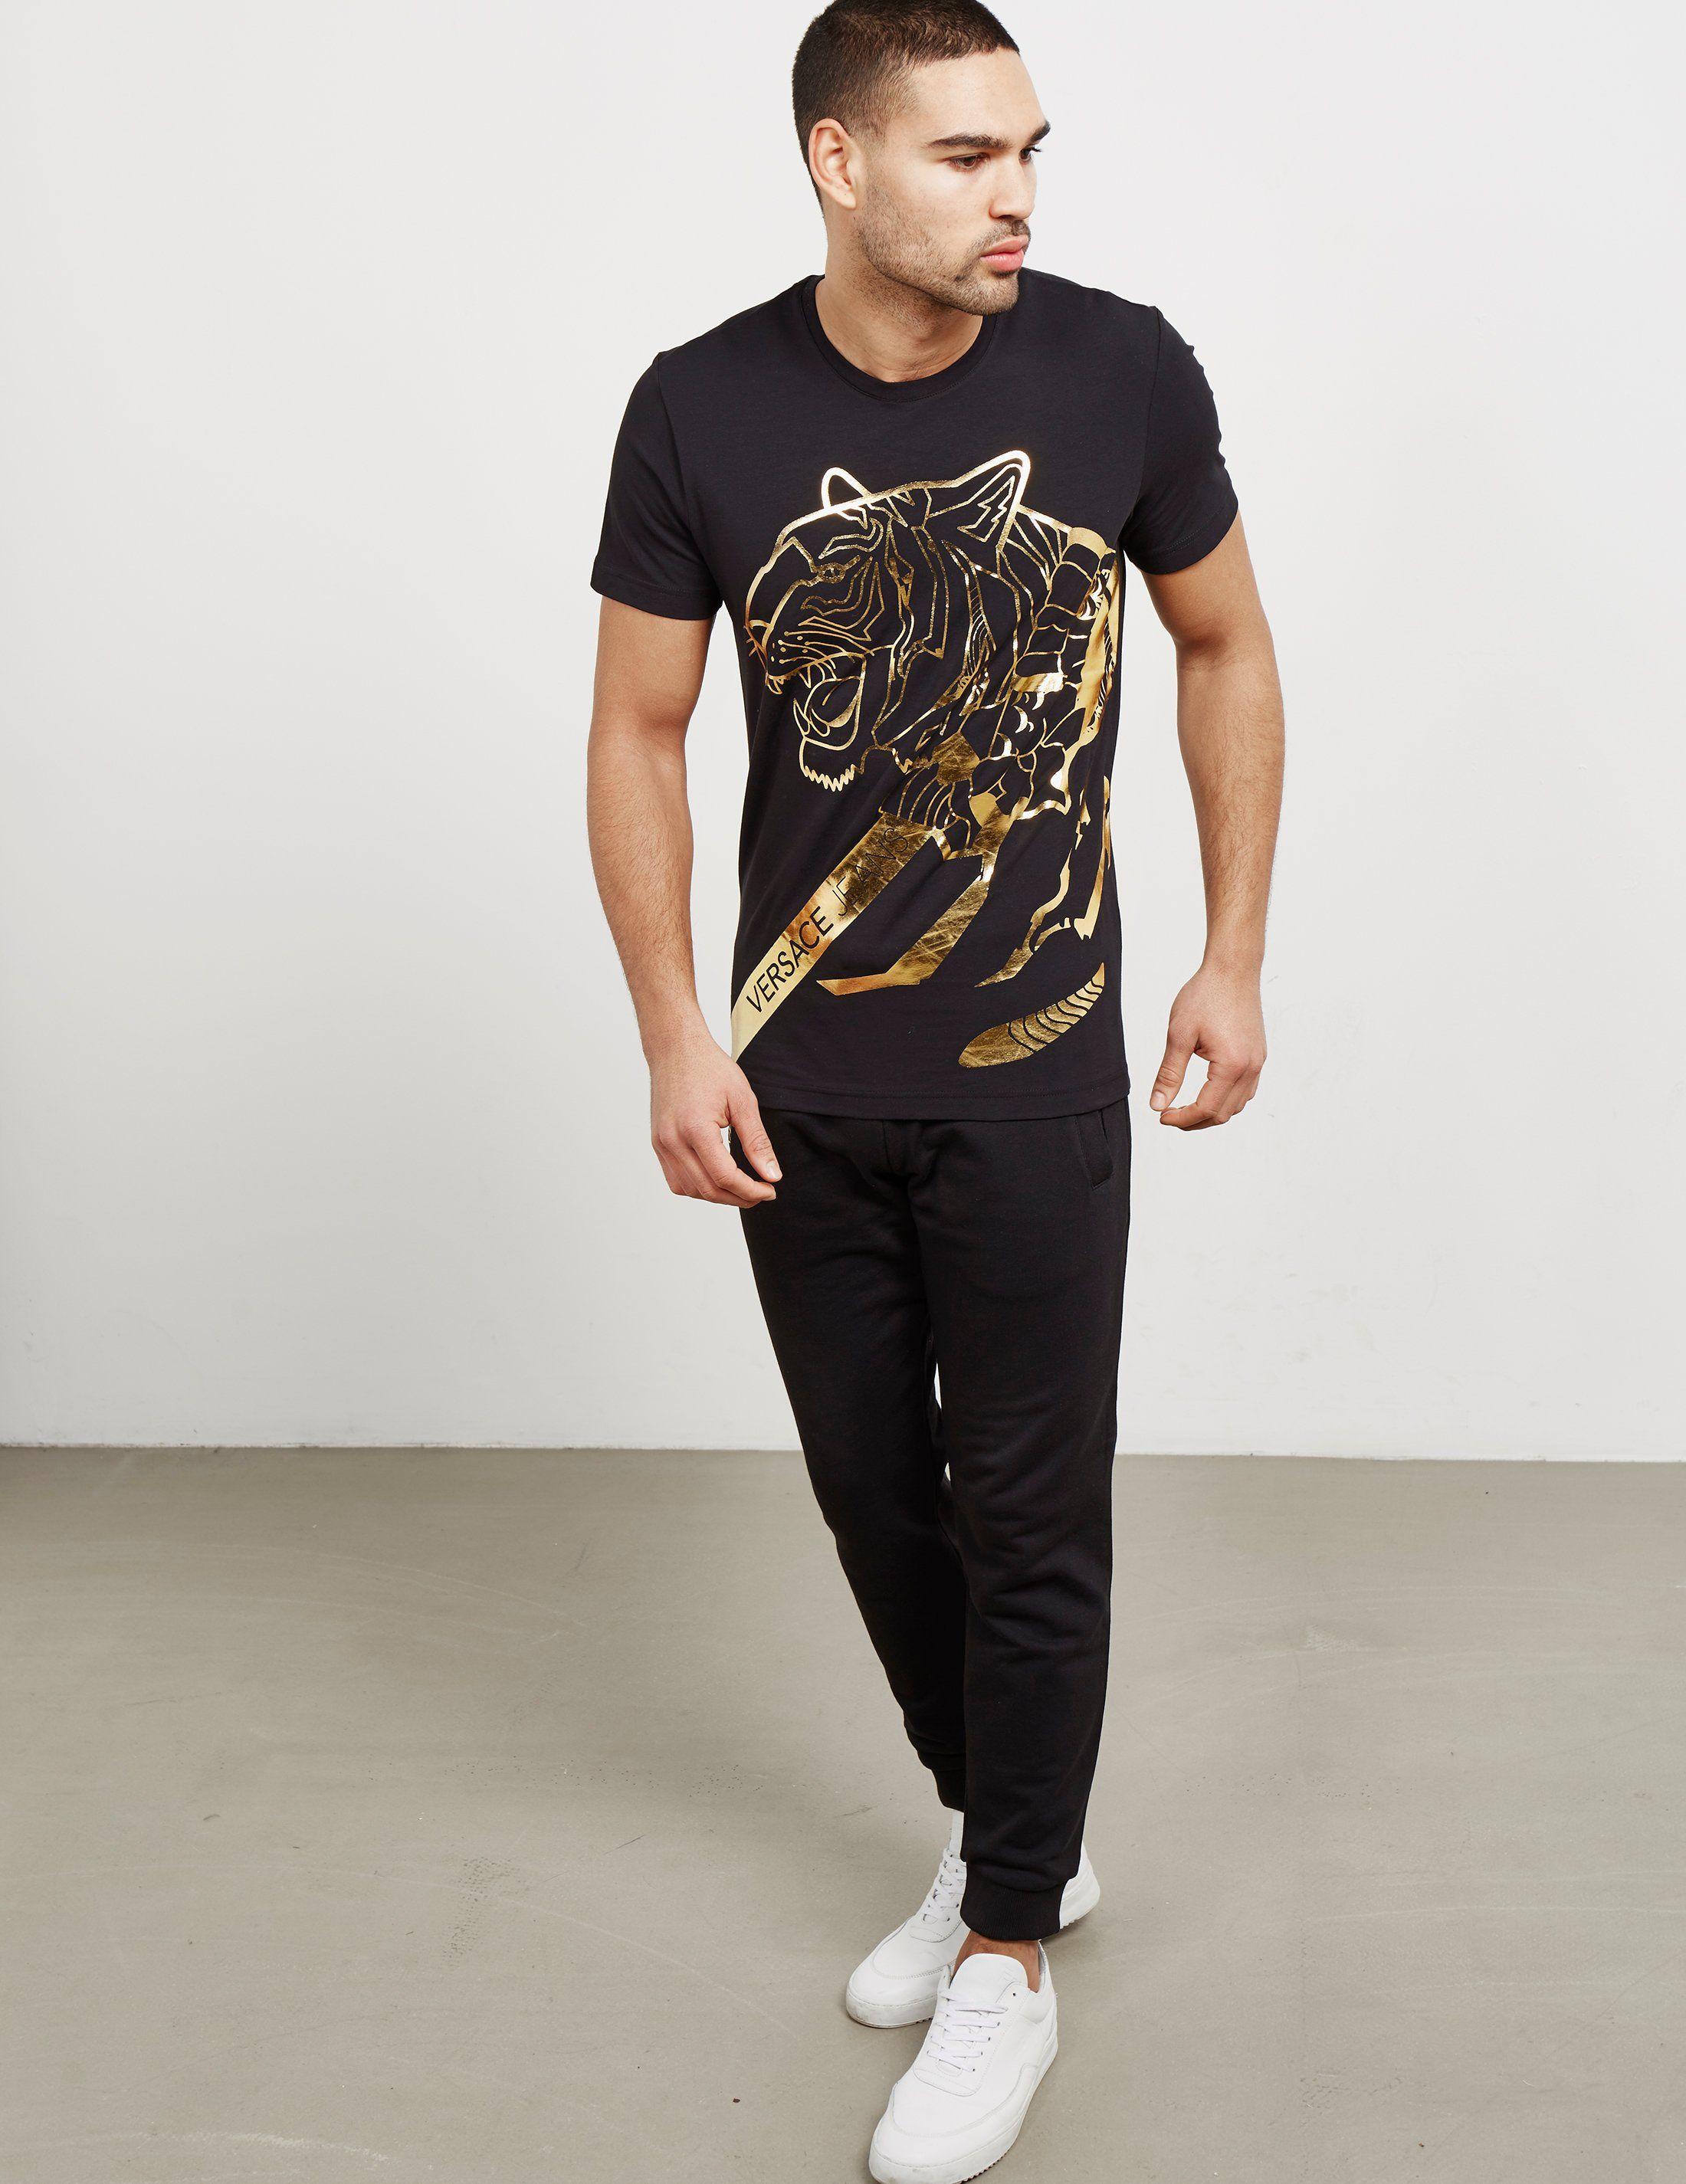 Versace Foil Tiger Short Sleeve T-Shirt